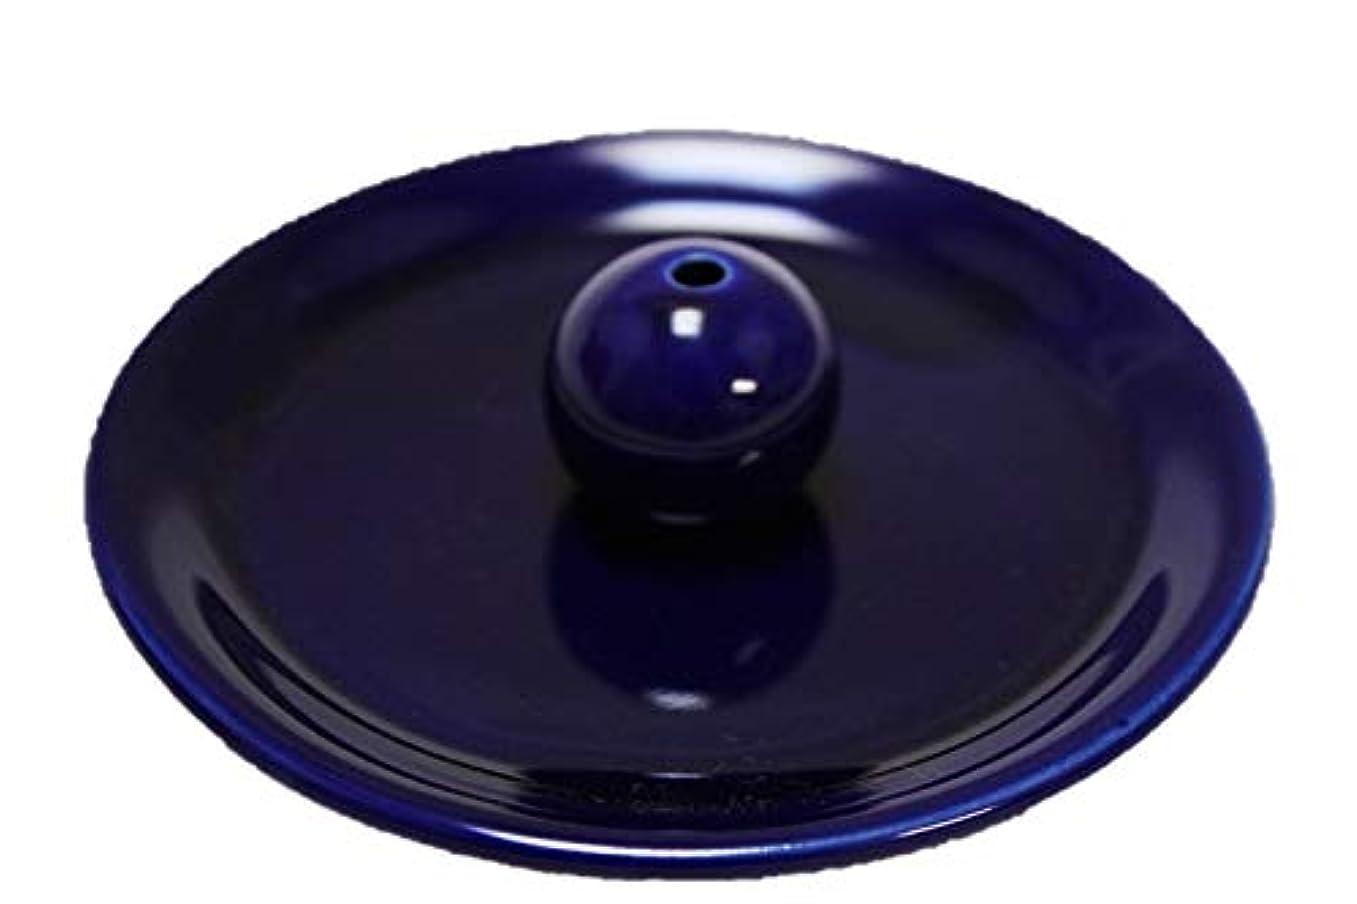 ペイン礼儀意味のある瑠璃色 9cm香皿 日本製 製造・直売 お香立て お香たて 陶器